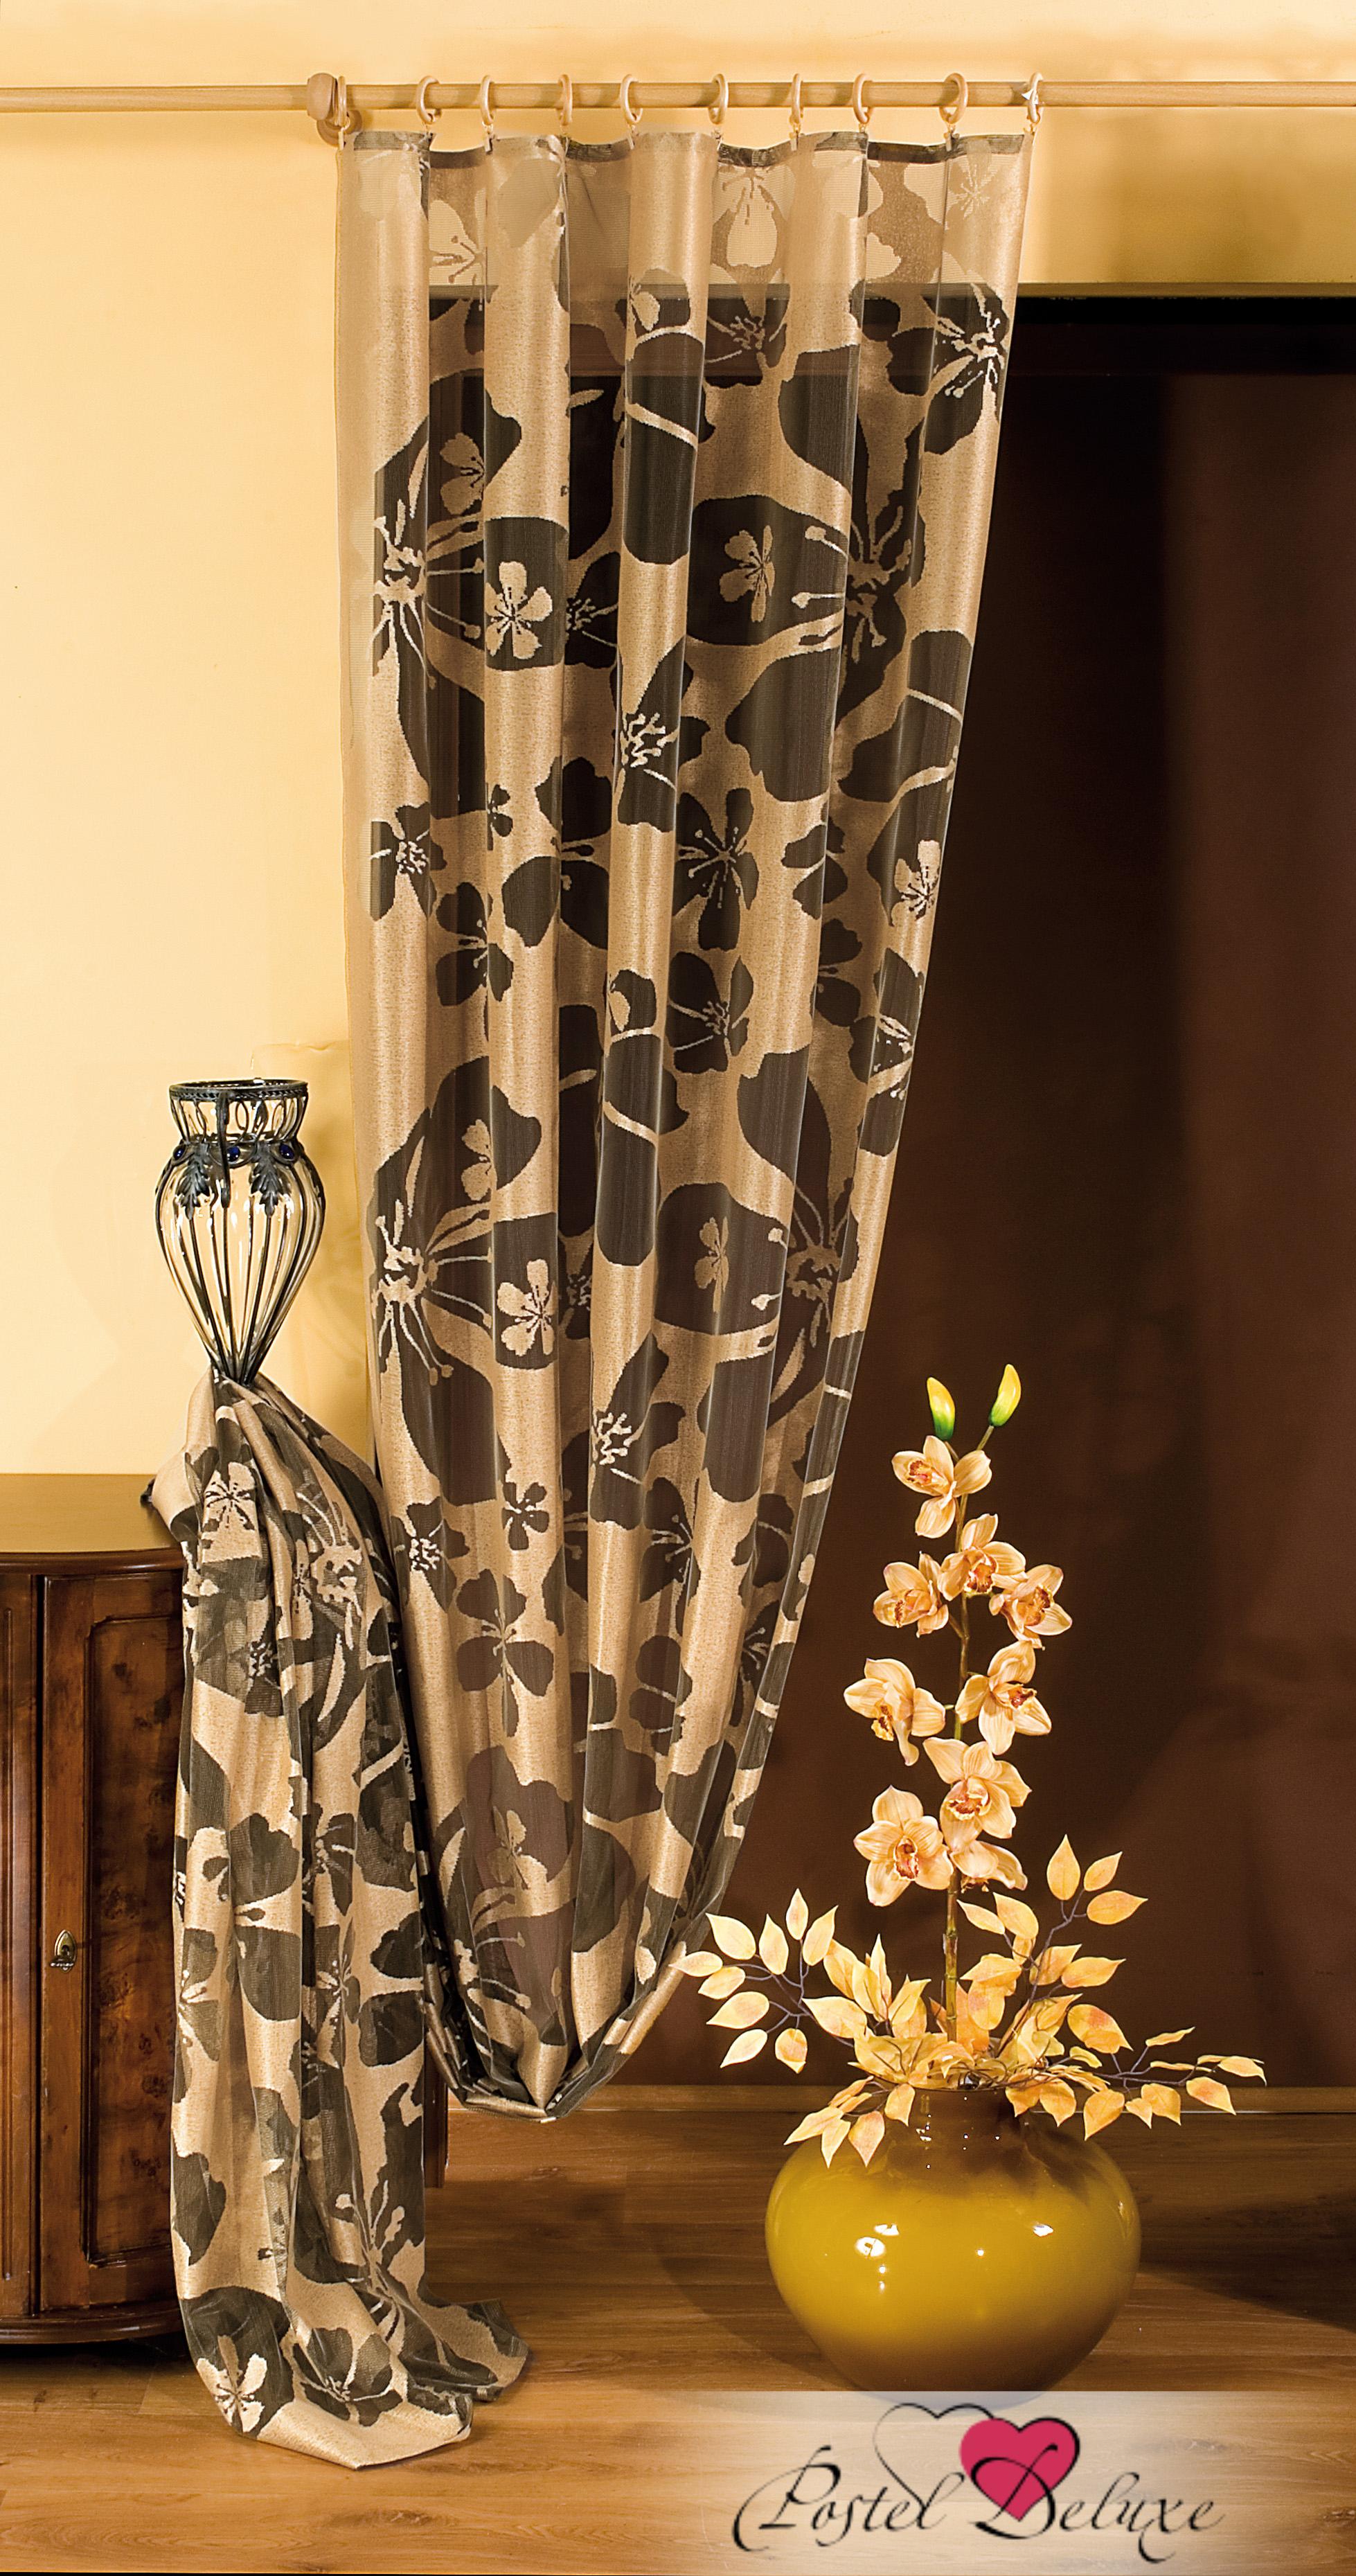 Шторы Wisan Классические шторы Conley Цвет: Коричневый, Золотой wisan wisan классические шторы noele